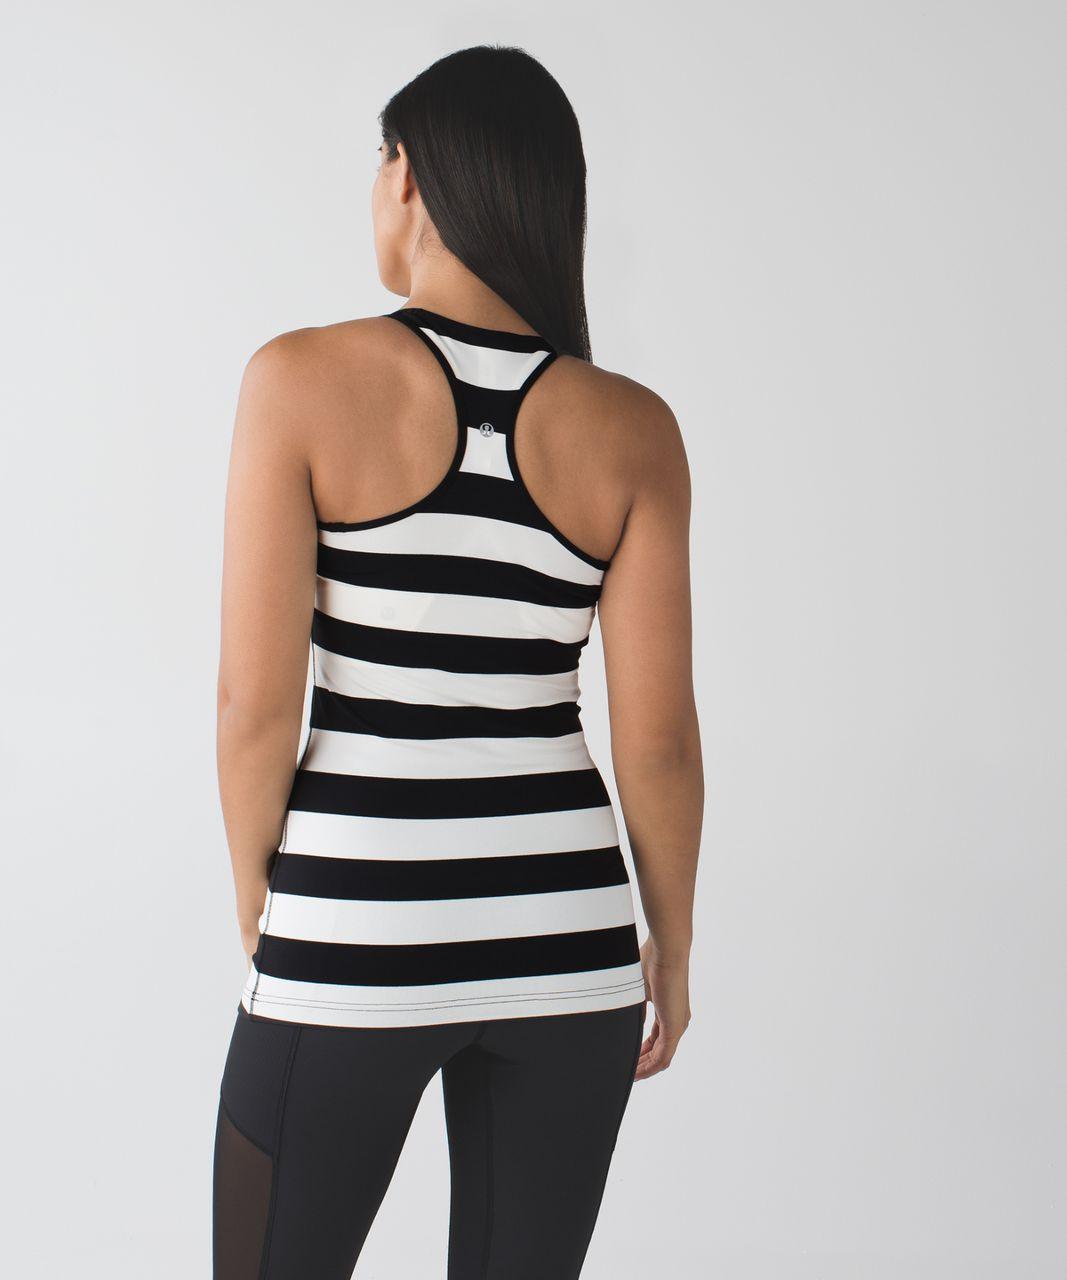 Lululemon Cool Racerback - Steep Stripe Black Horizontal